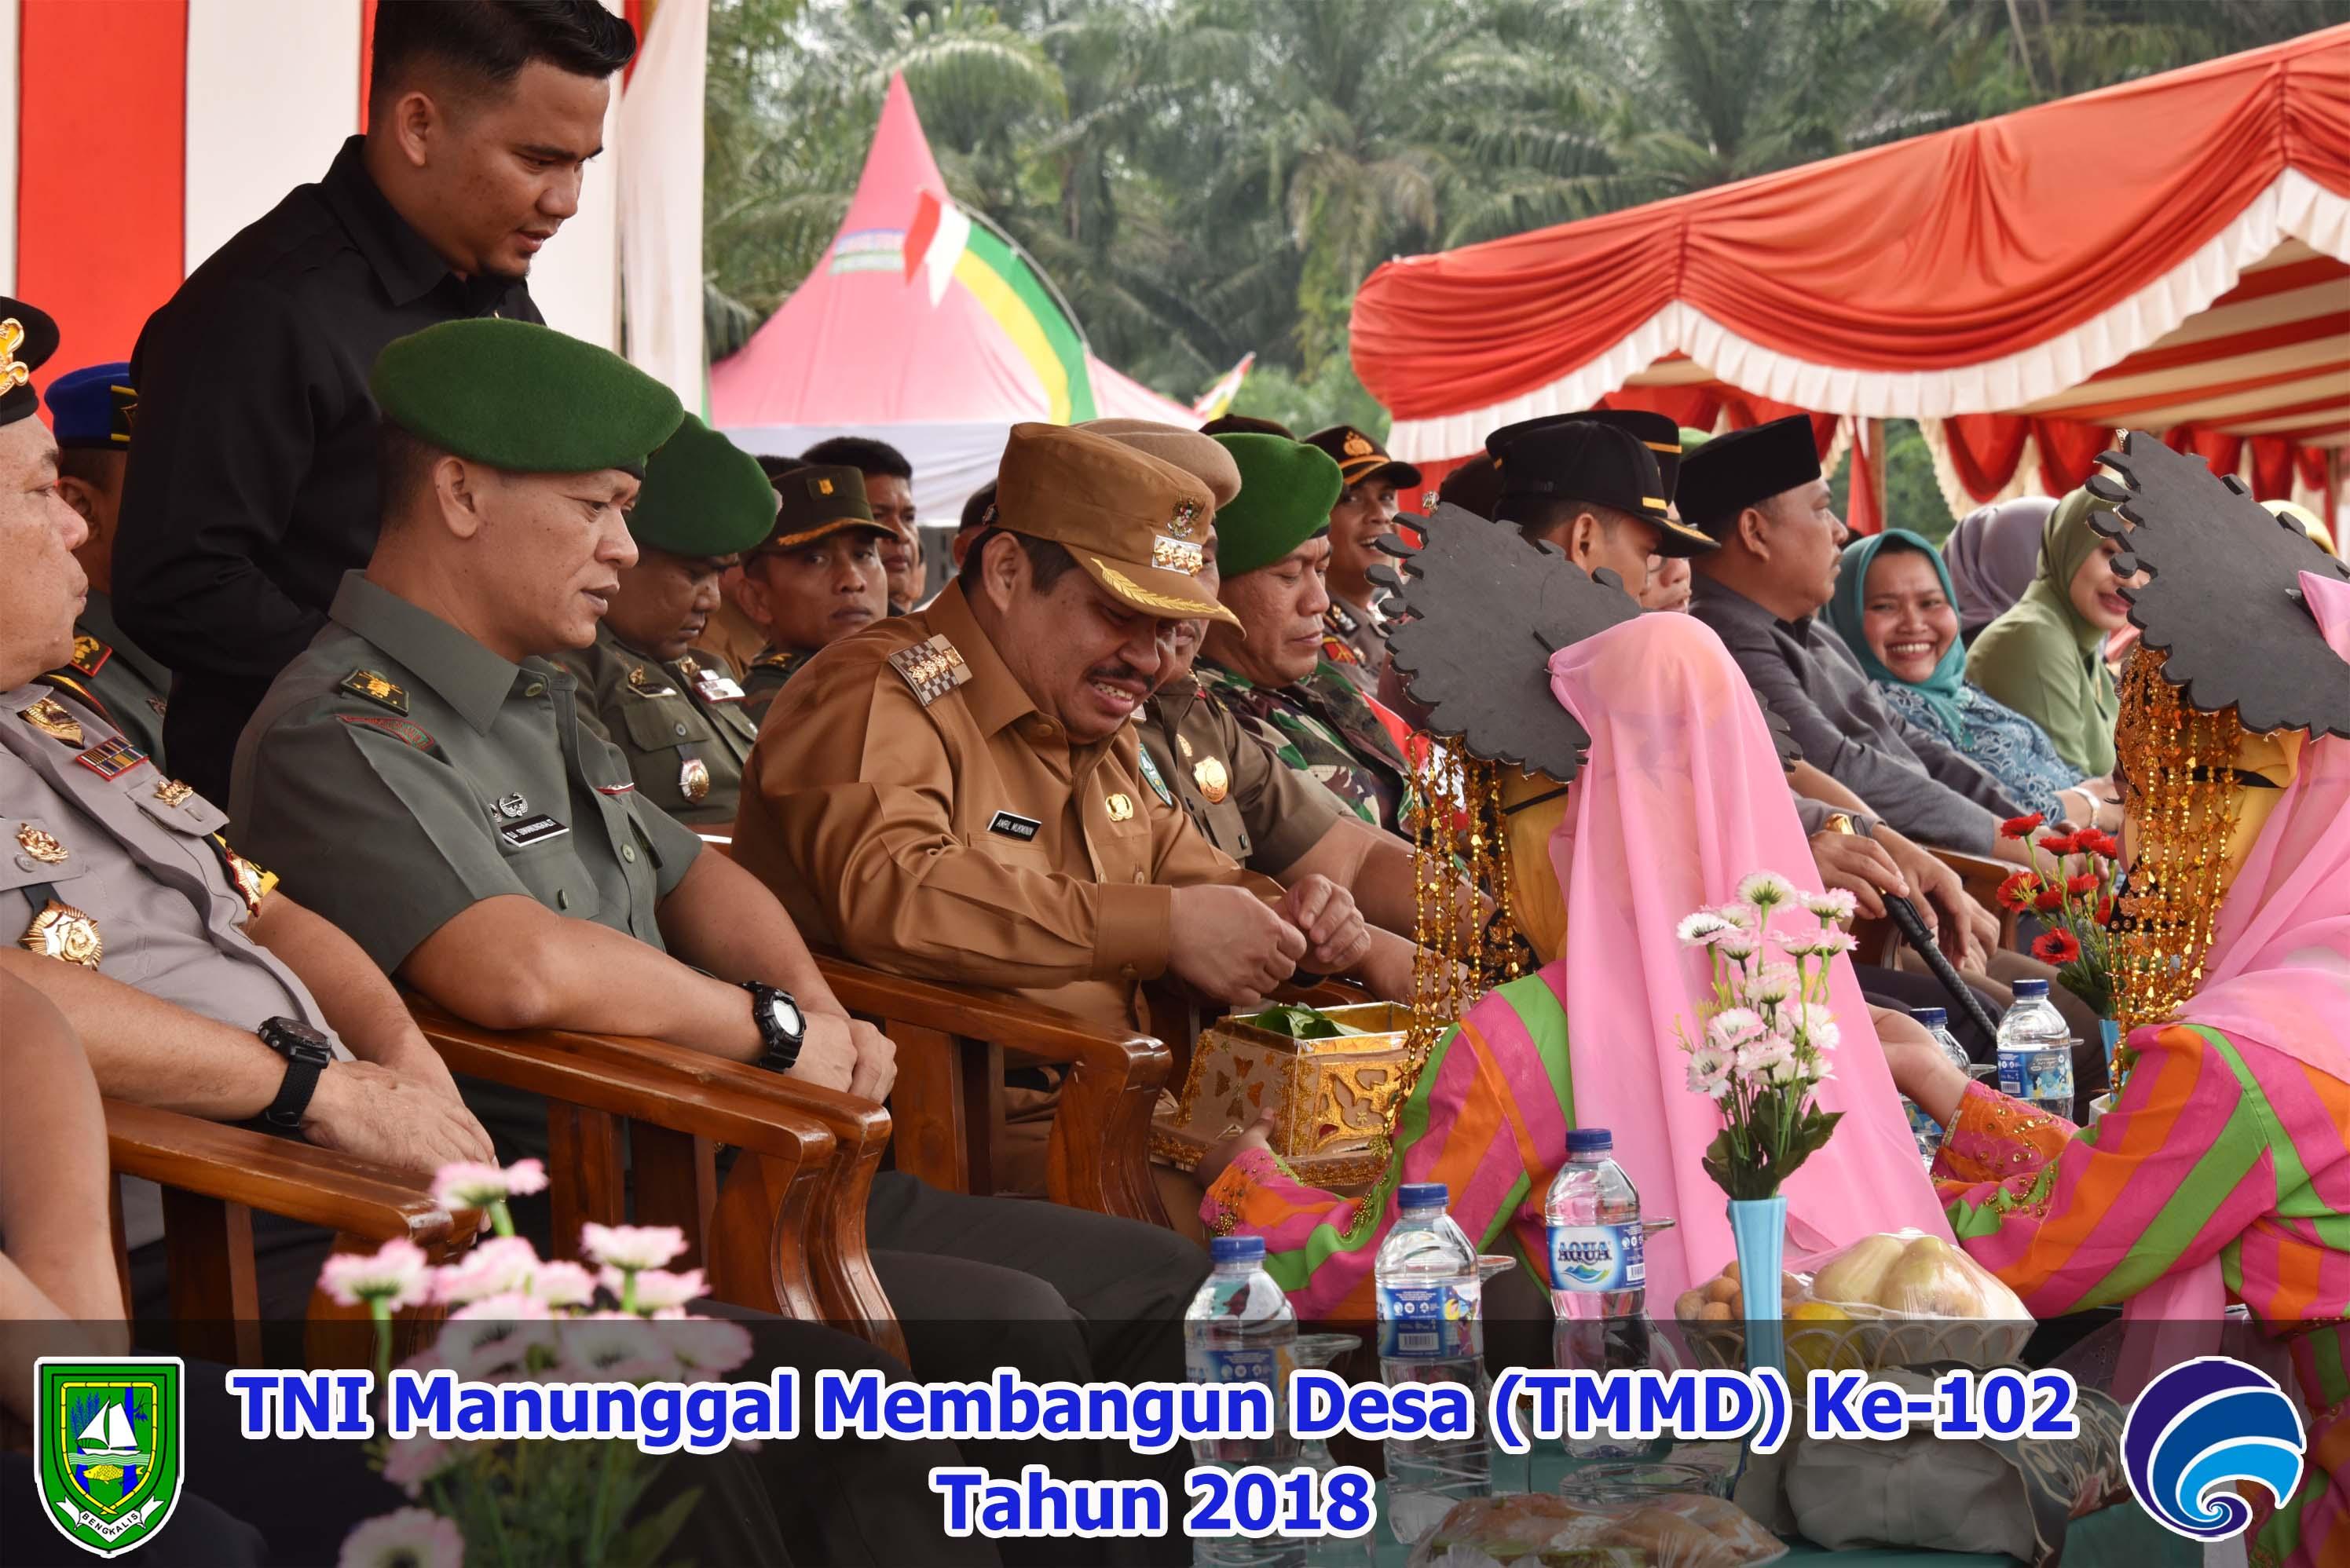 TNI Manunggal Membangun Desa (TMMD) Ke-102